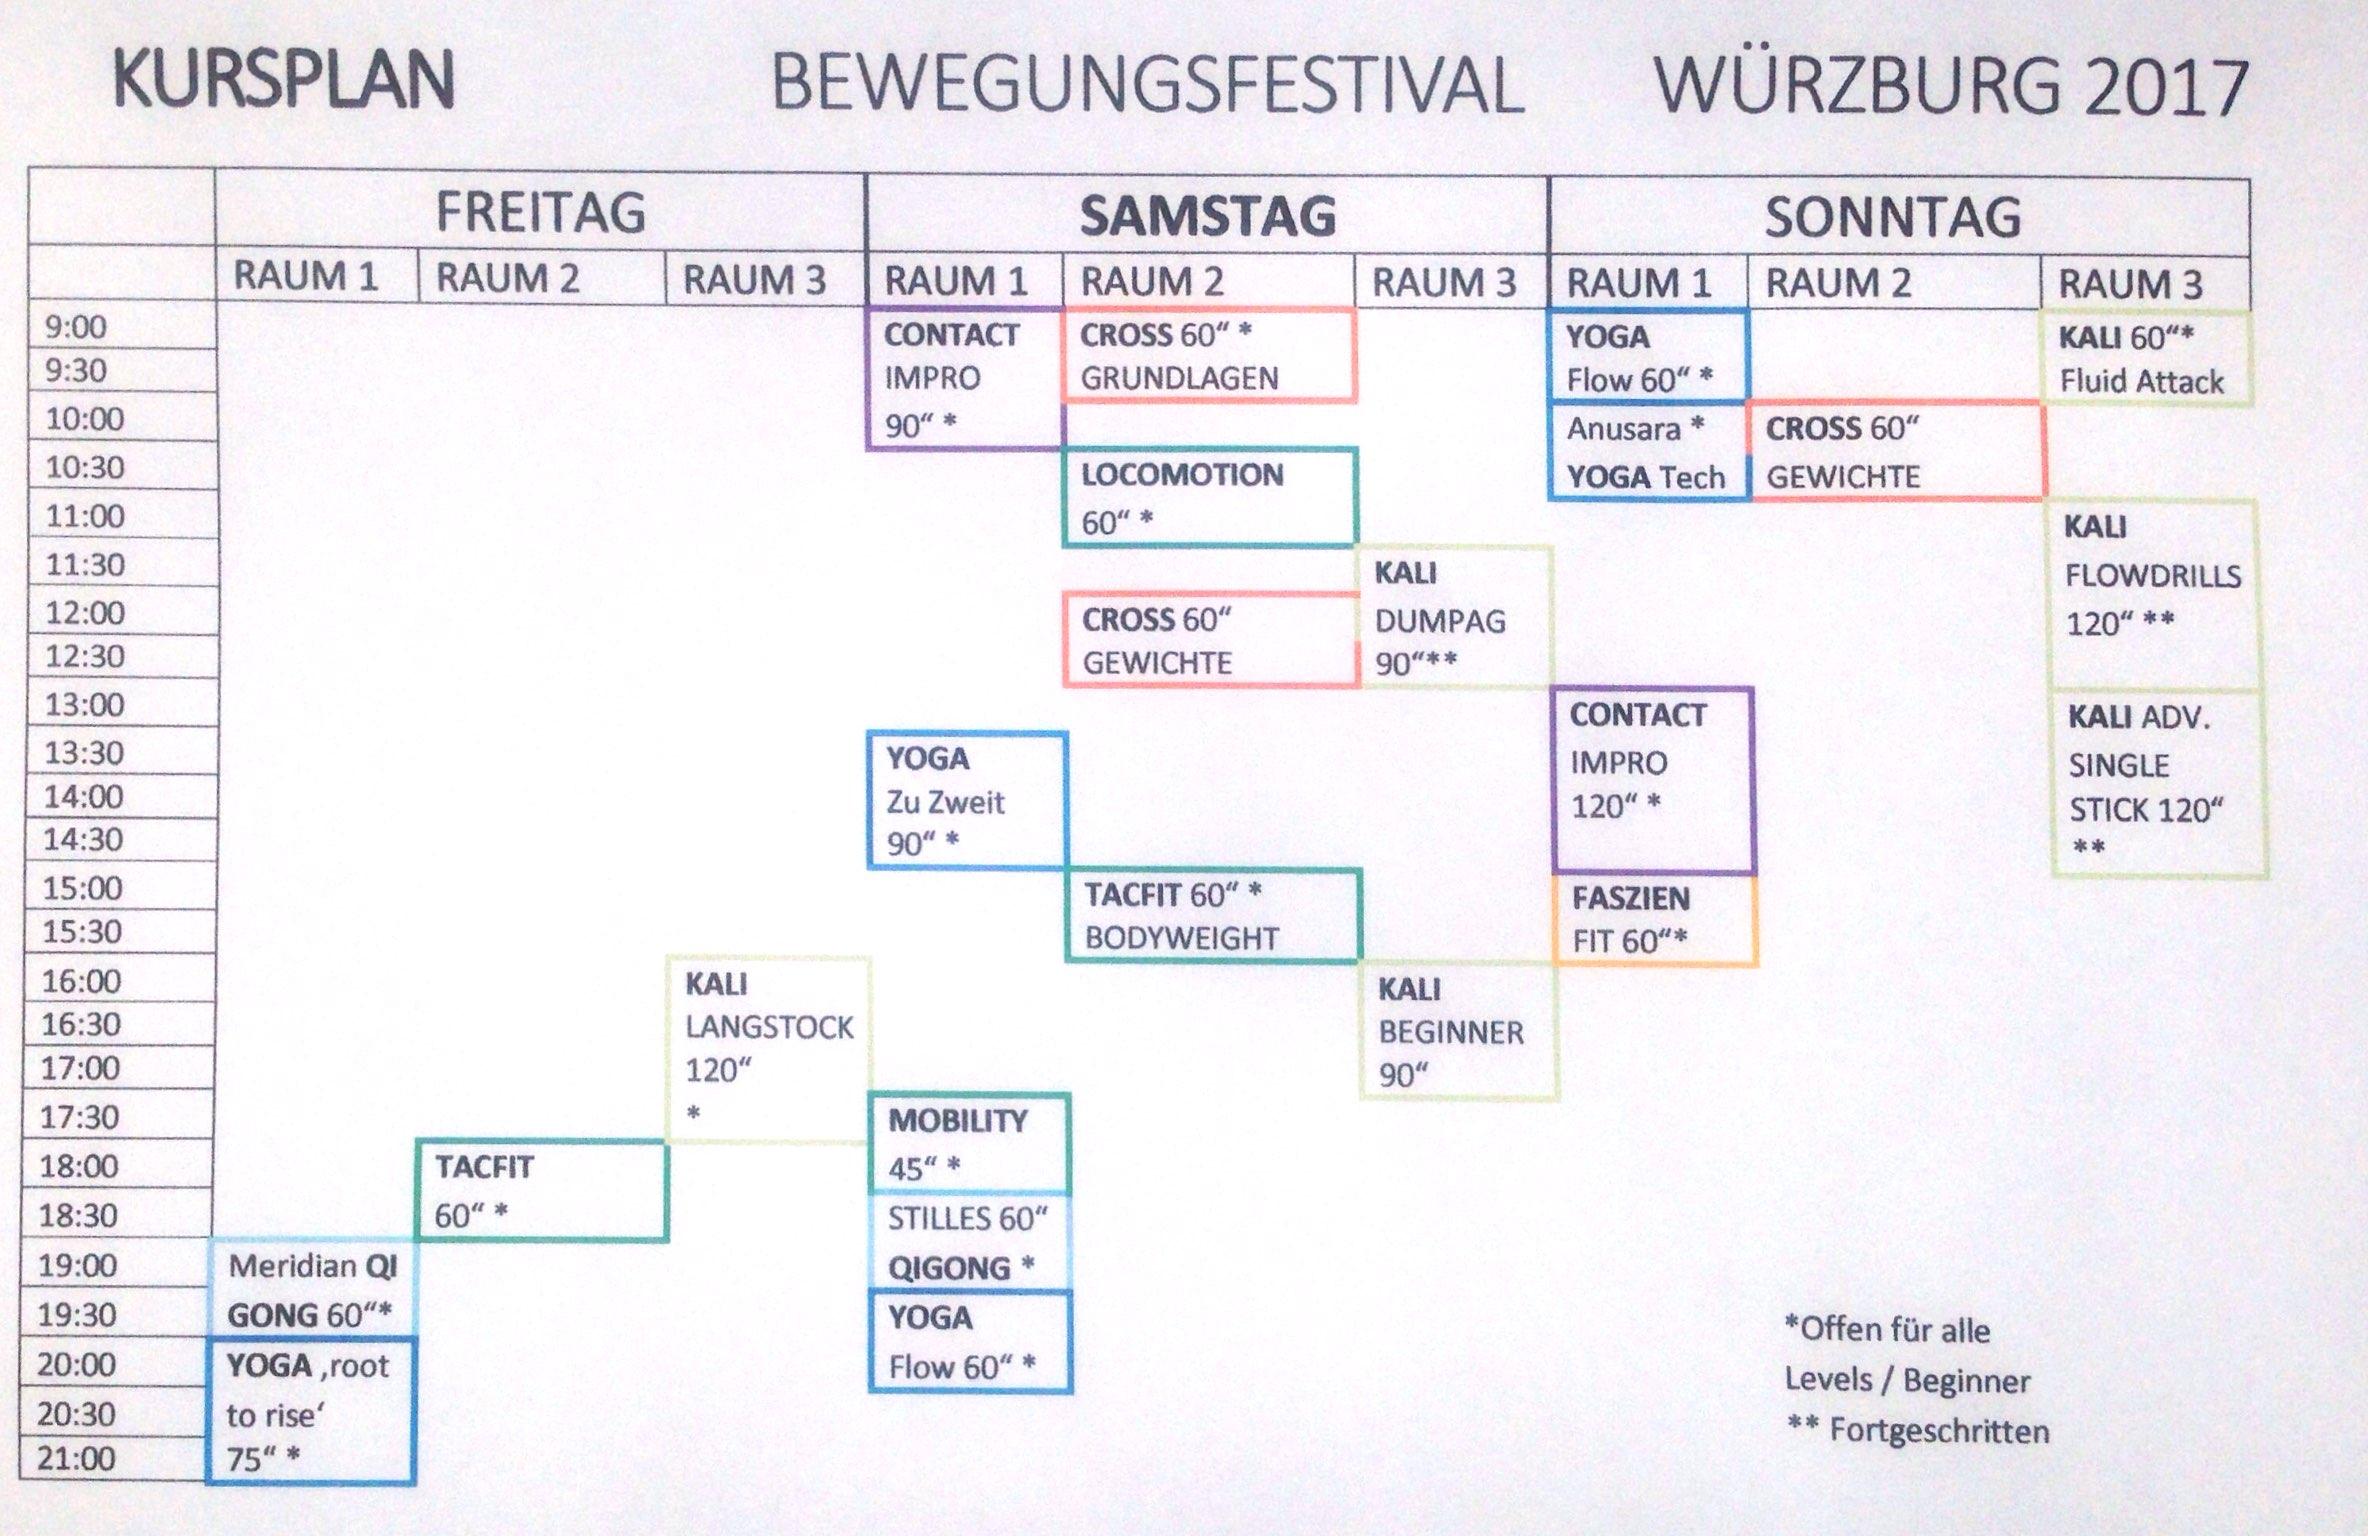 Der Kursplan des Bewegungsfestivals in Würzburg